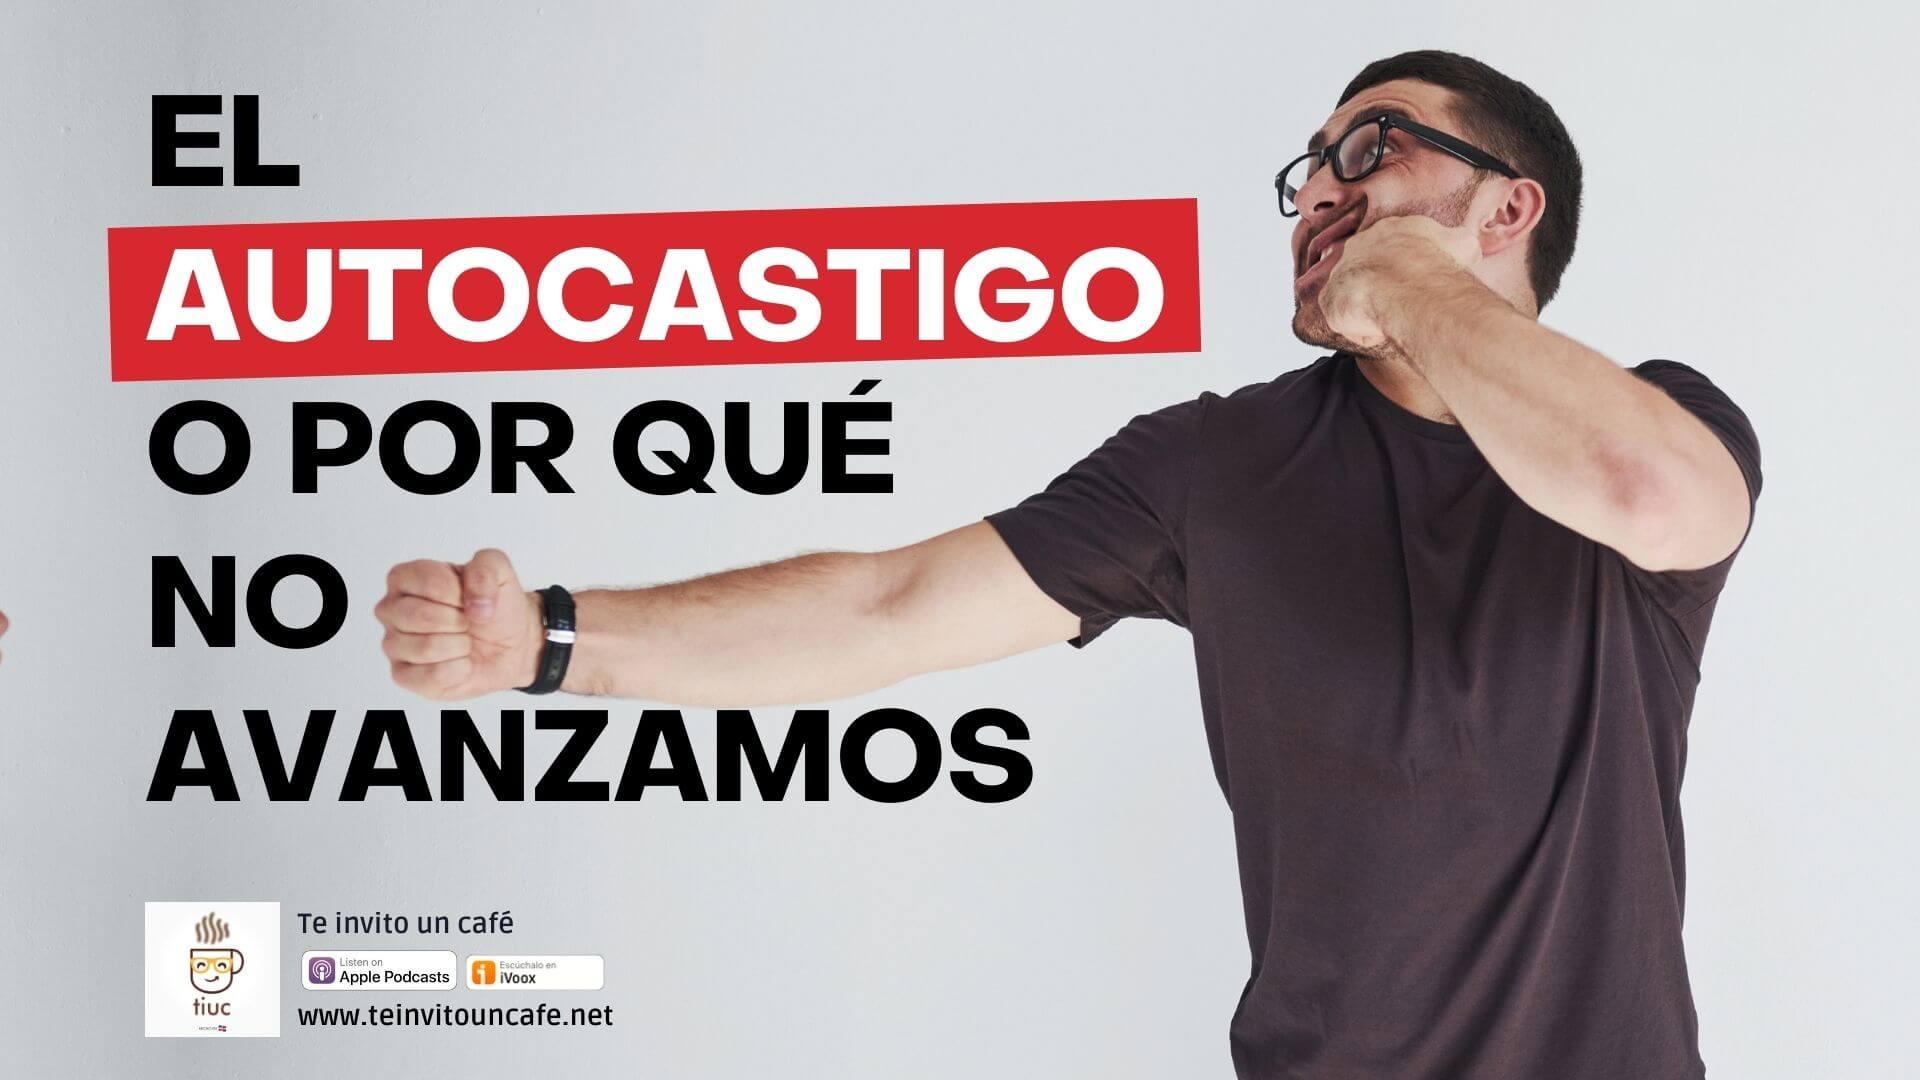 1265. El Autocastigo Explica Por Qué No Avanzamos